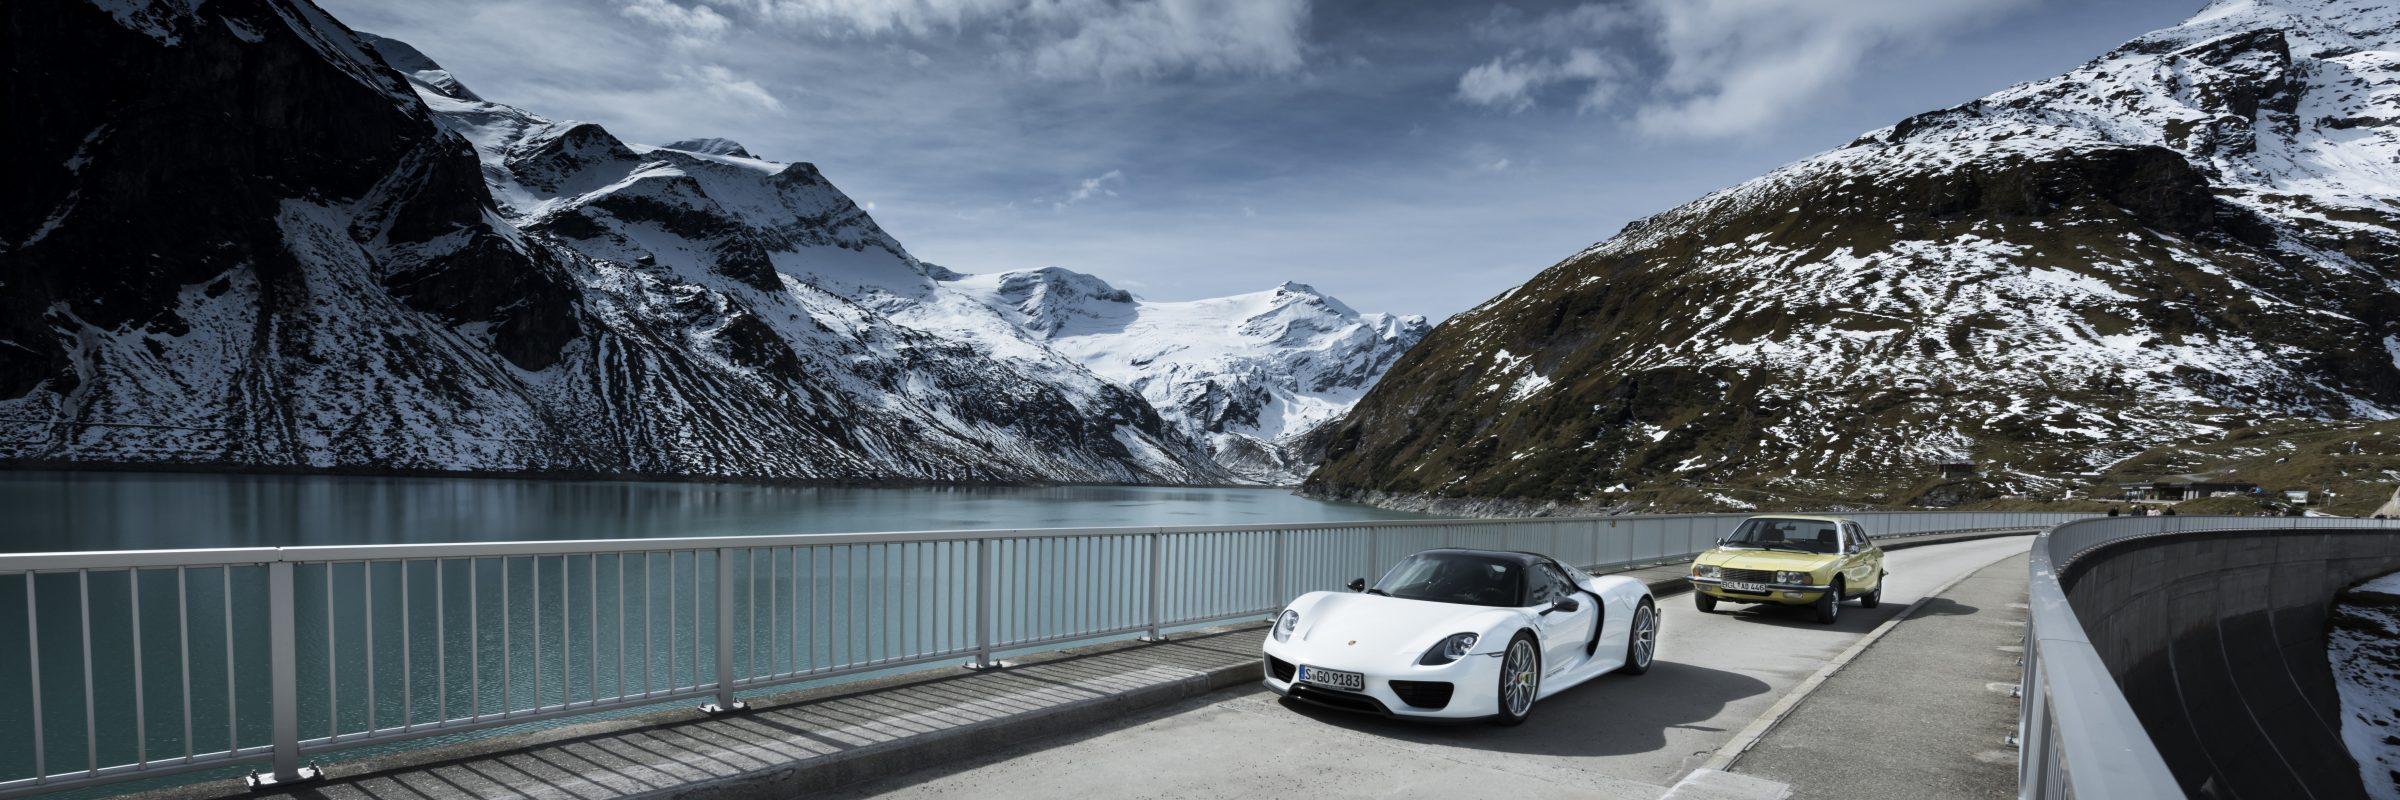 Werbeaufnahme für die EdelweissClassic 2019. Der Porsche 918 und der R080 wurden auf der Staumauer in Kaprun fotografiert. Beide Fahrzeuge verbindet der Versuch eine komplett neue Antriebstechnik zu etablieren. Im Falle des Ro80 geschah dies vor genau 50 Jahren.